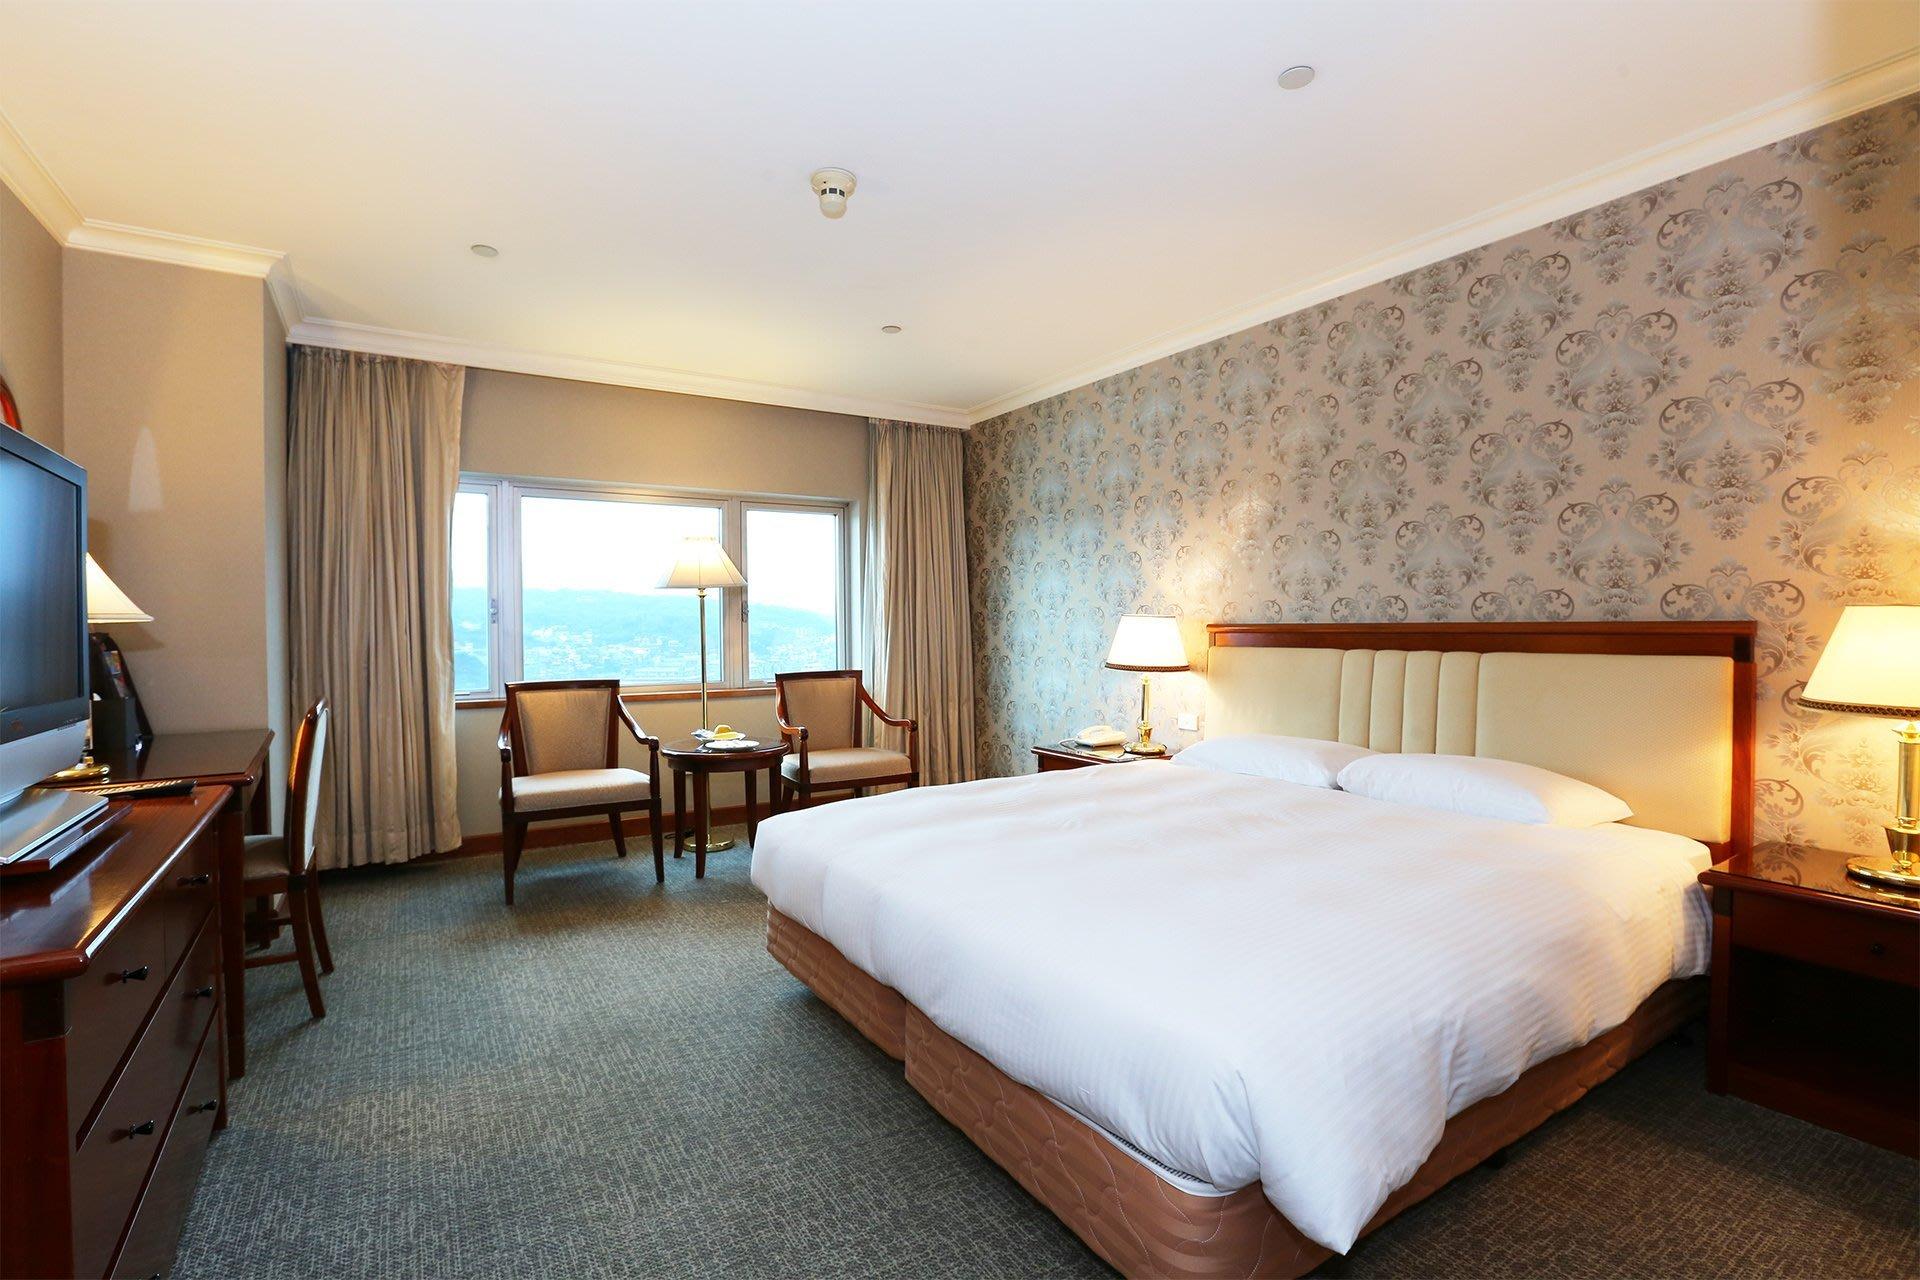 快樂GOGO**基隆**長榮桂冠酒店 海景2人房+2客早餐 3500元(附泳池)